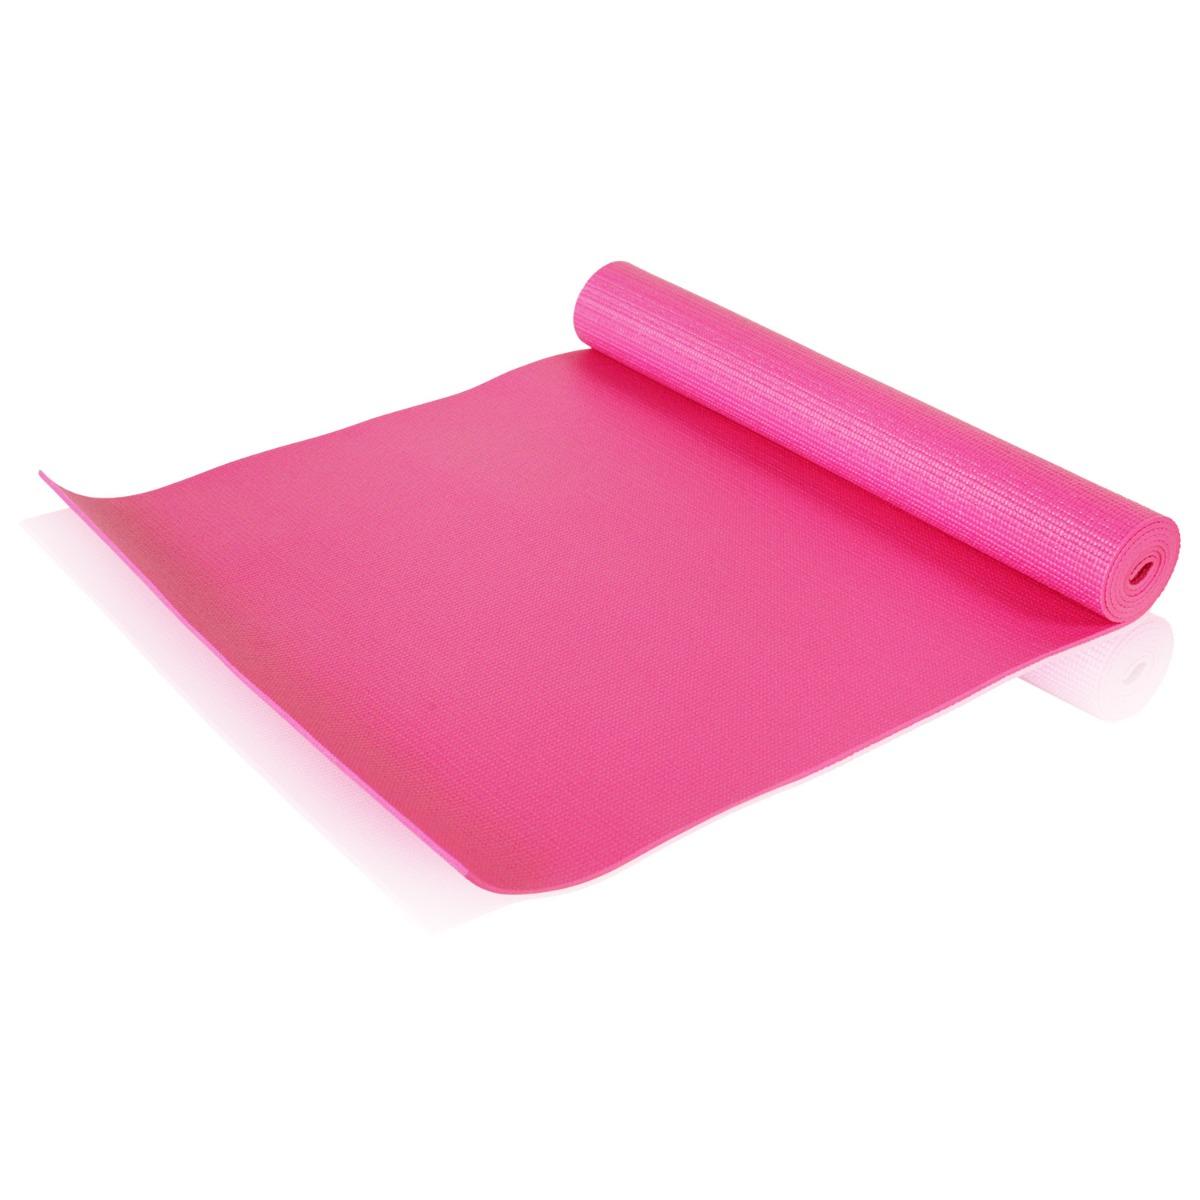 Køb Odin Yogamåtte 173 x 61 x 0,4 cm Pink